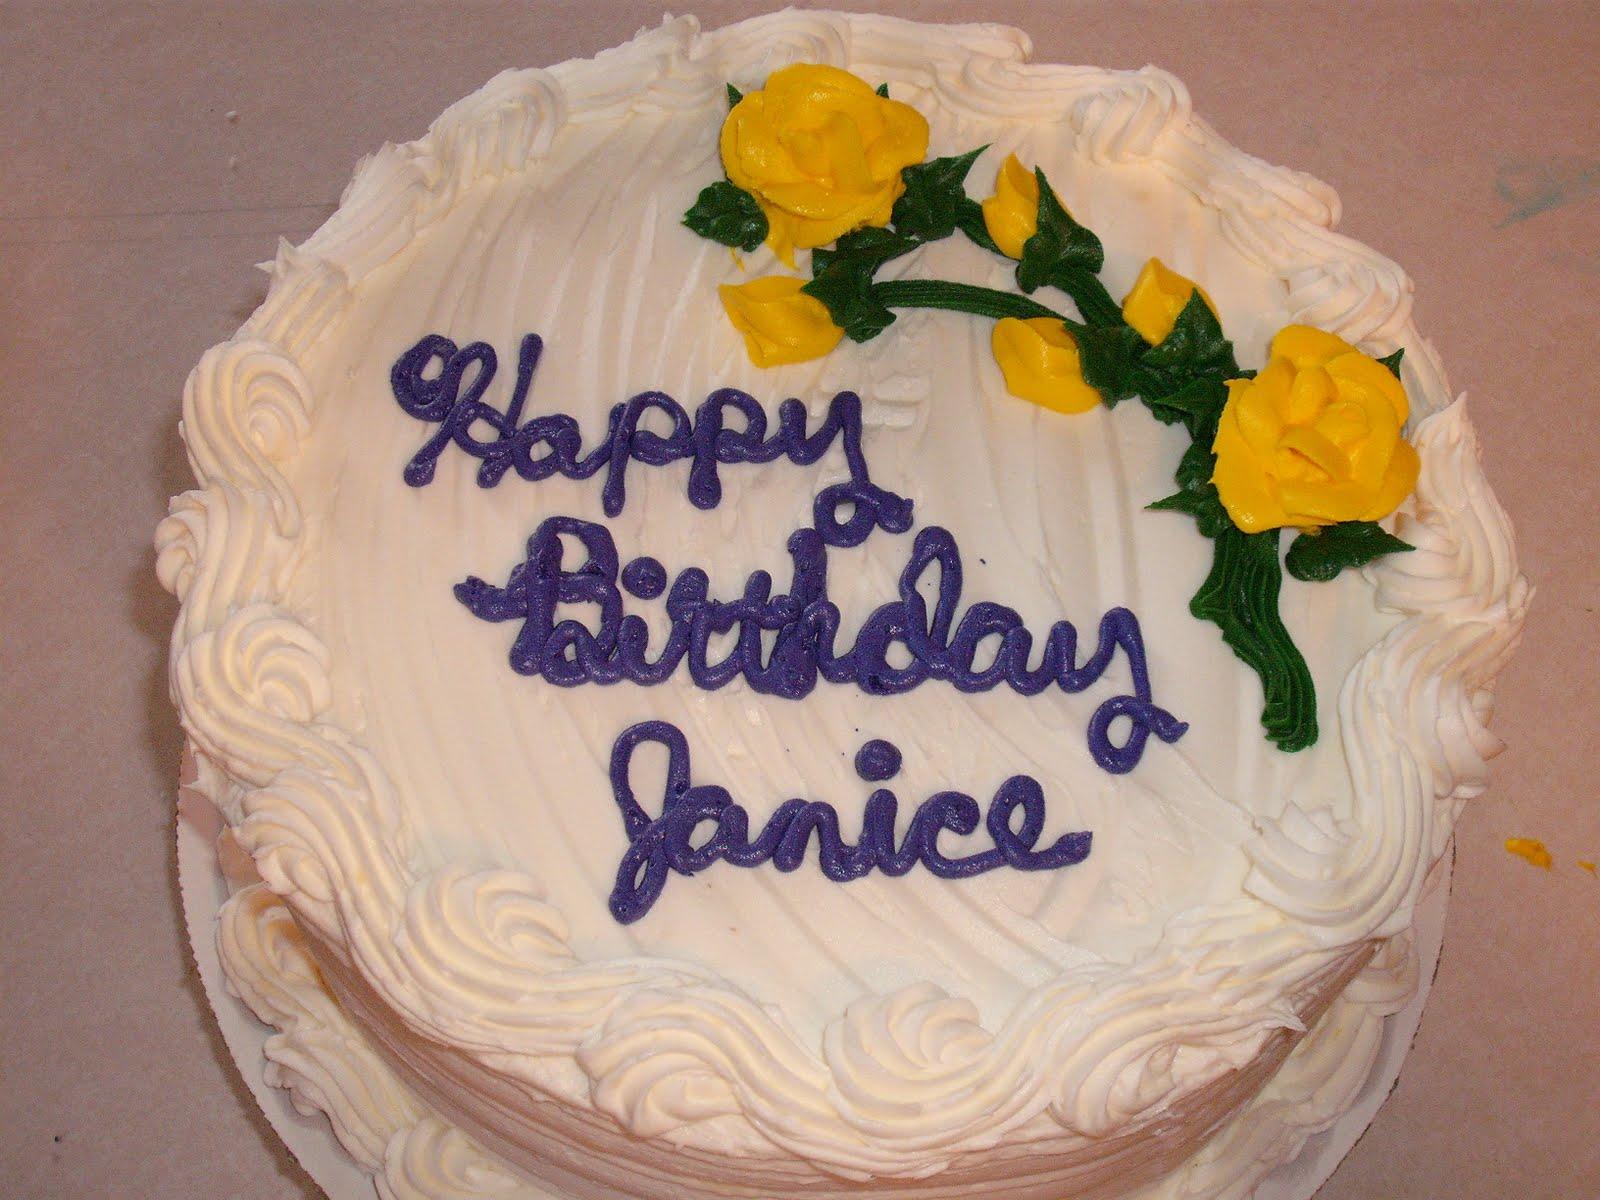 http://3.bp.blogspot.com/_RCYjUk--9dI/TFtsrs_XNgI/AAAAAAAAAEs/lsxNKGU4cfs/s1600/Birthday%2BCake.JPG